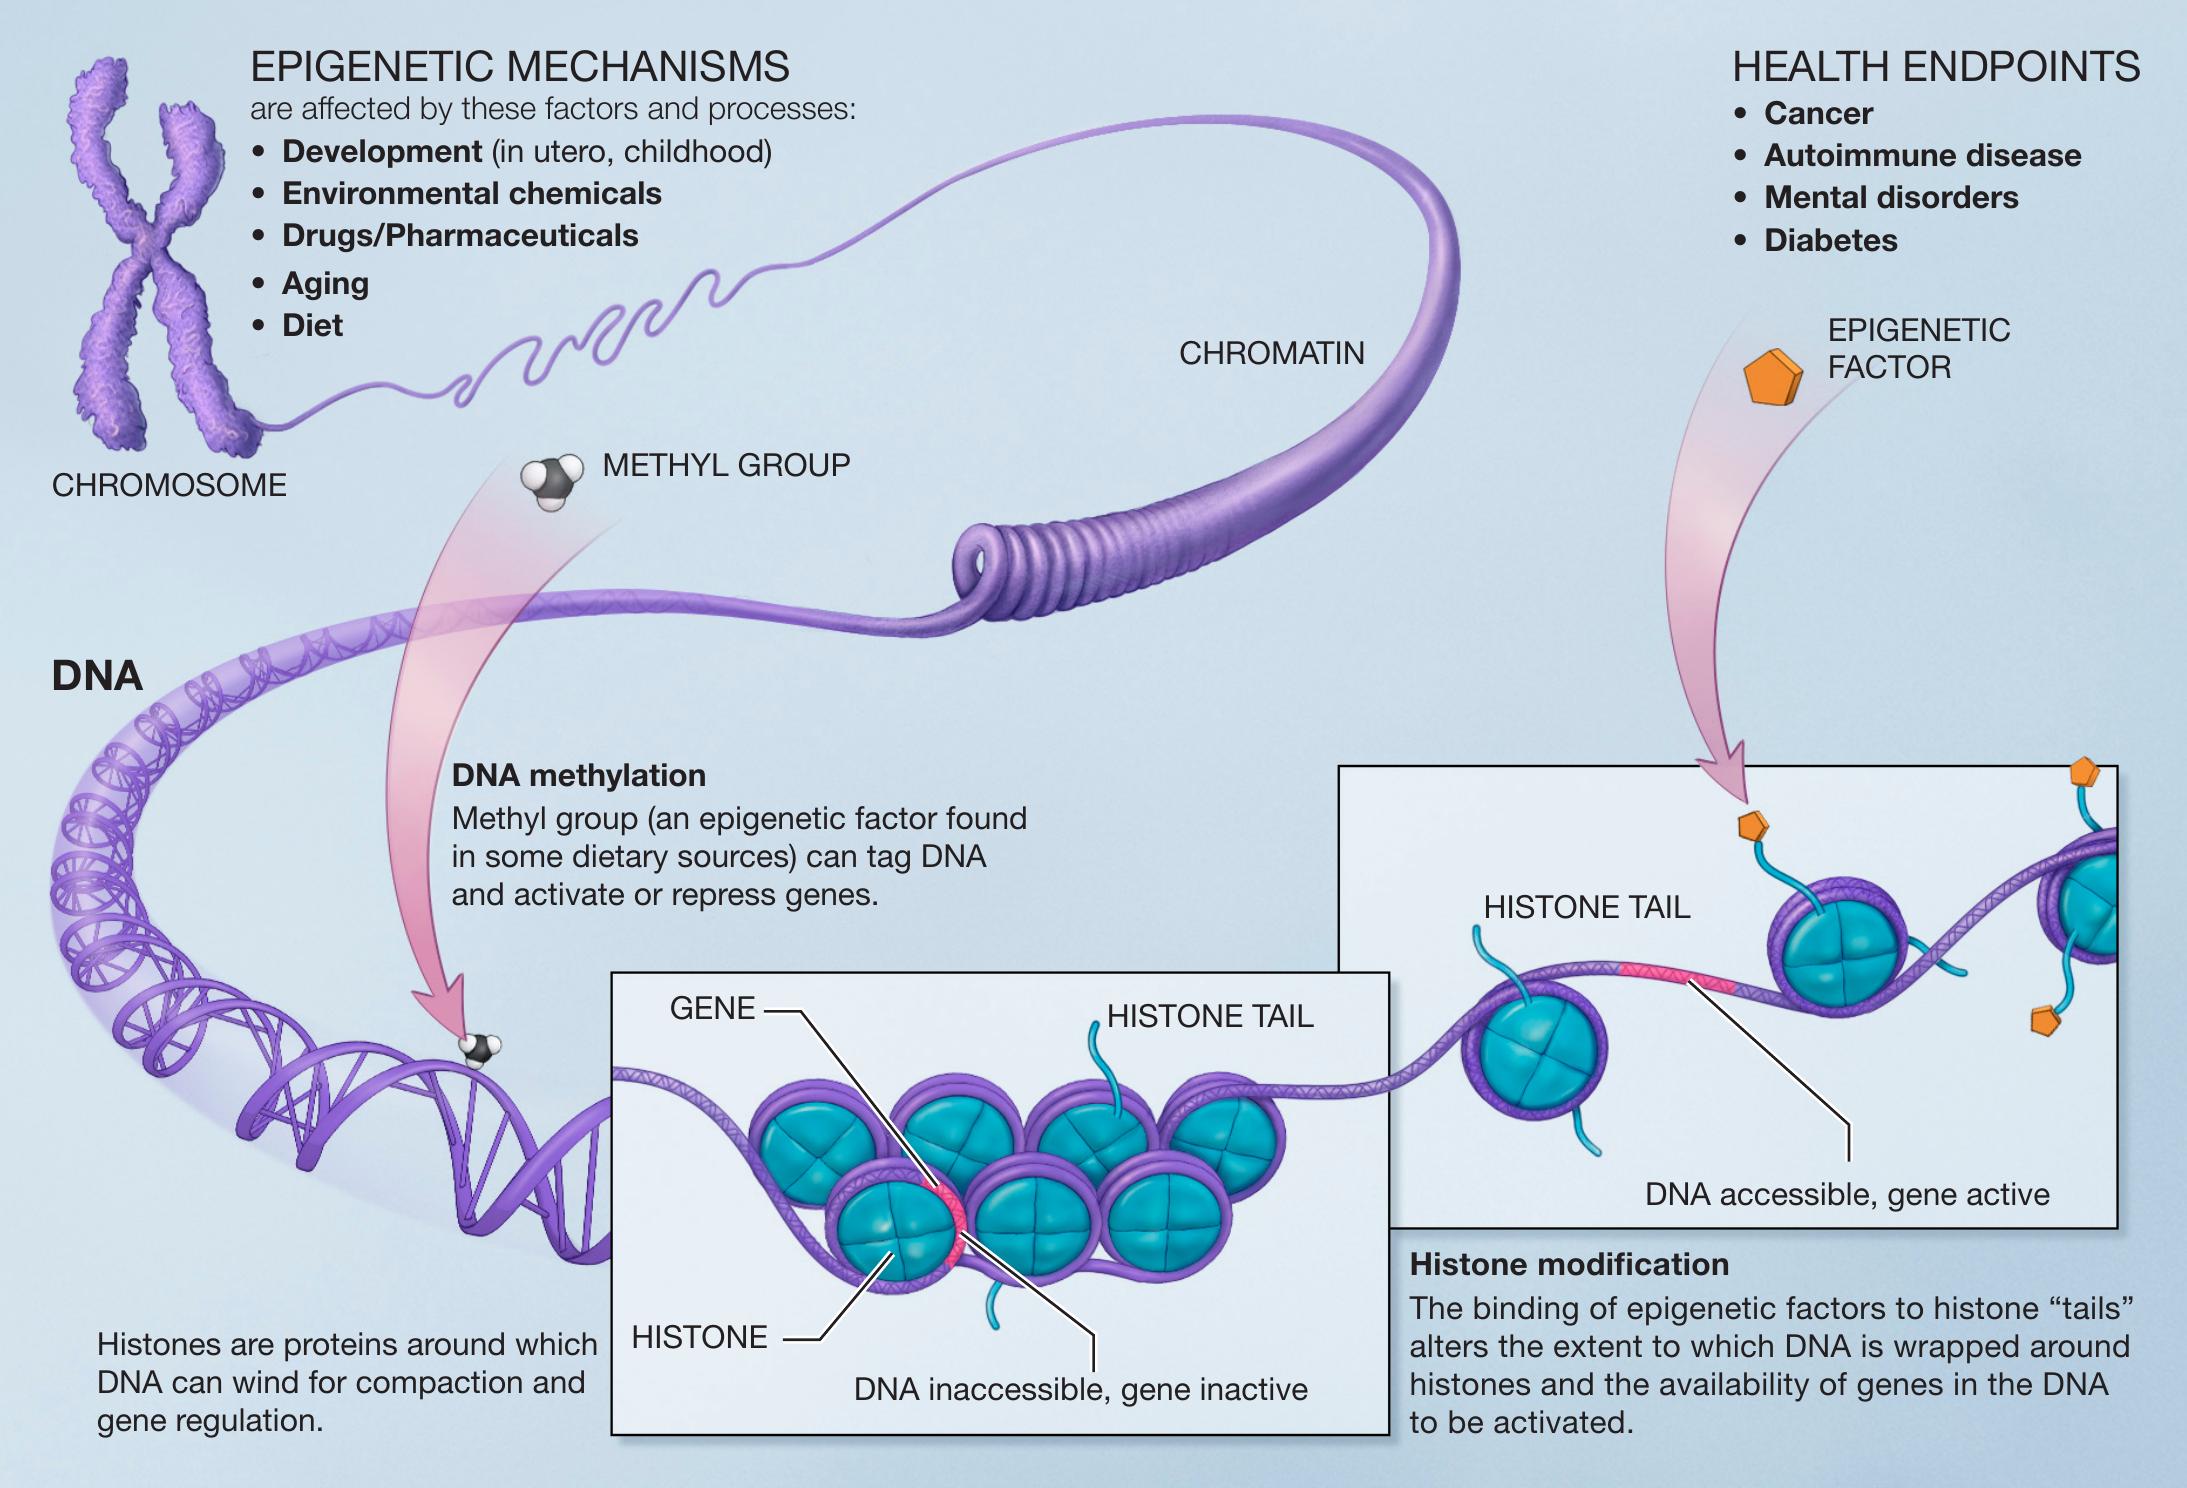 epigenetic theories